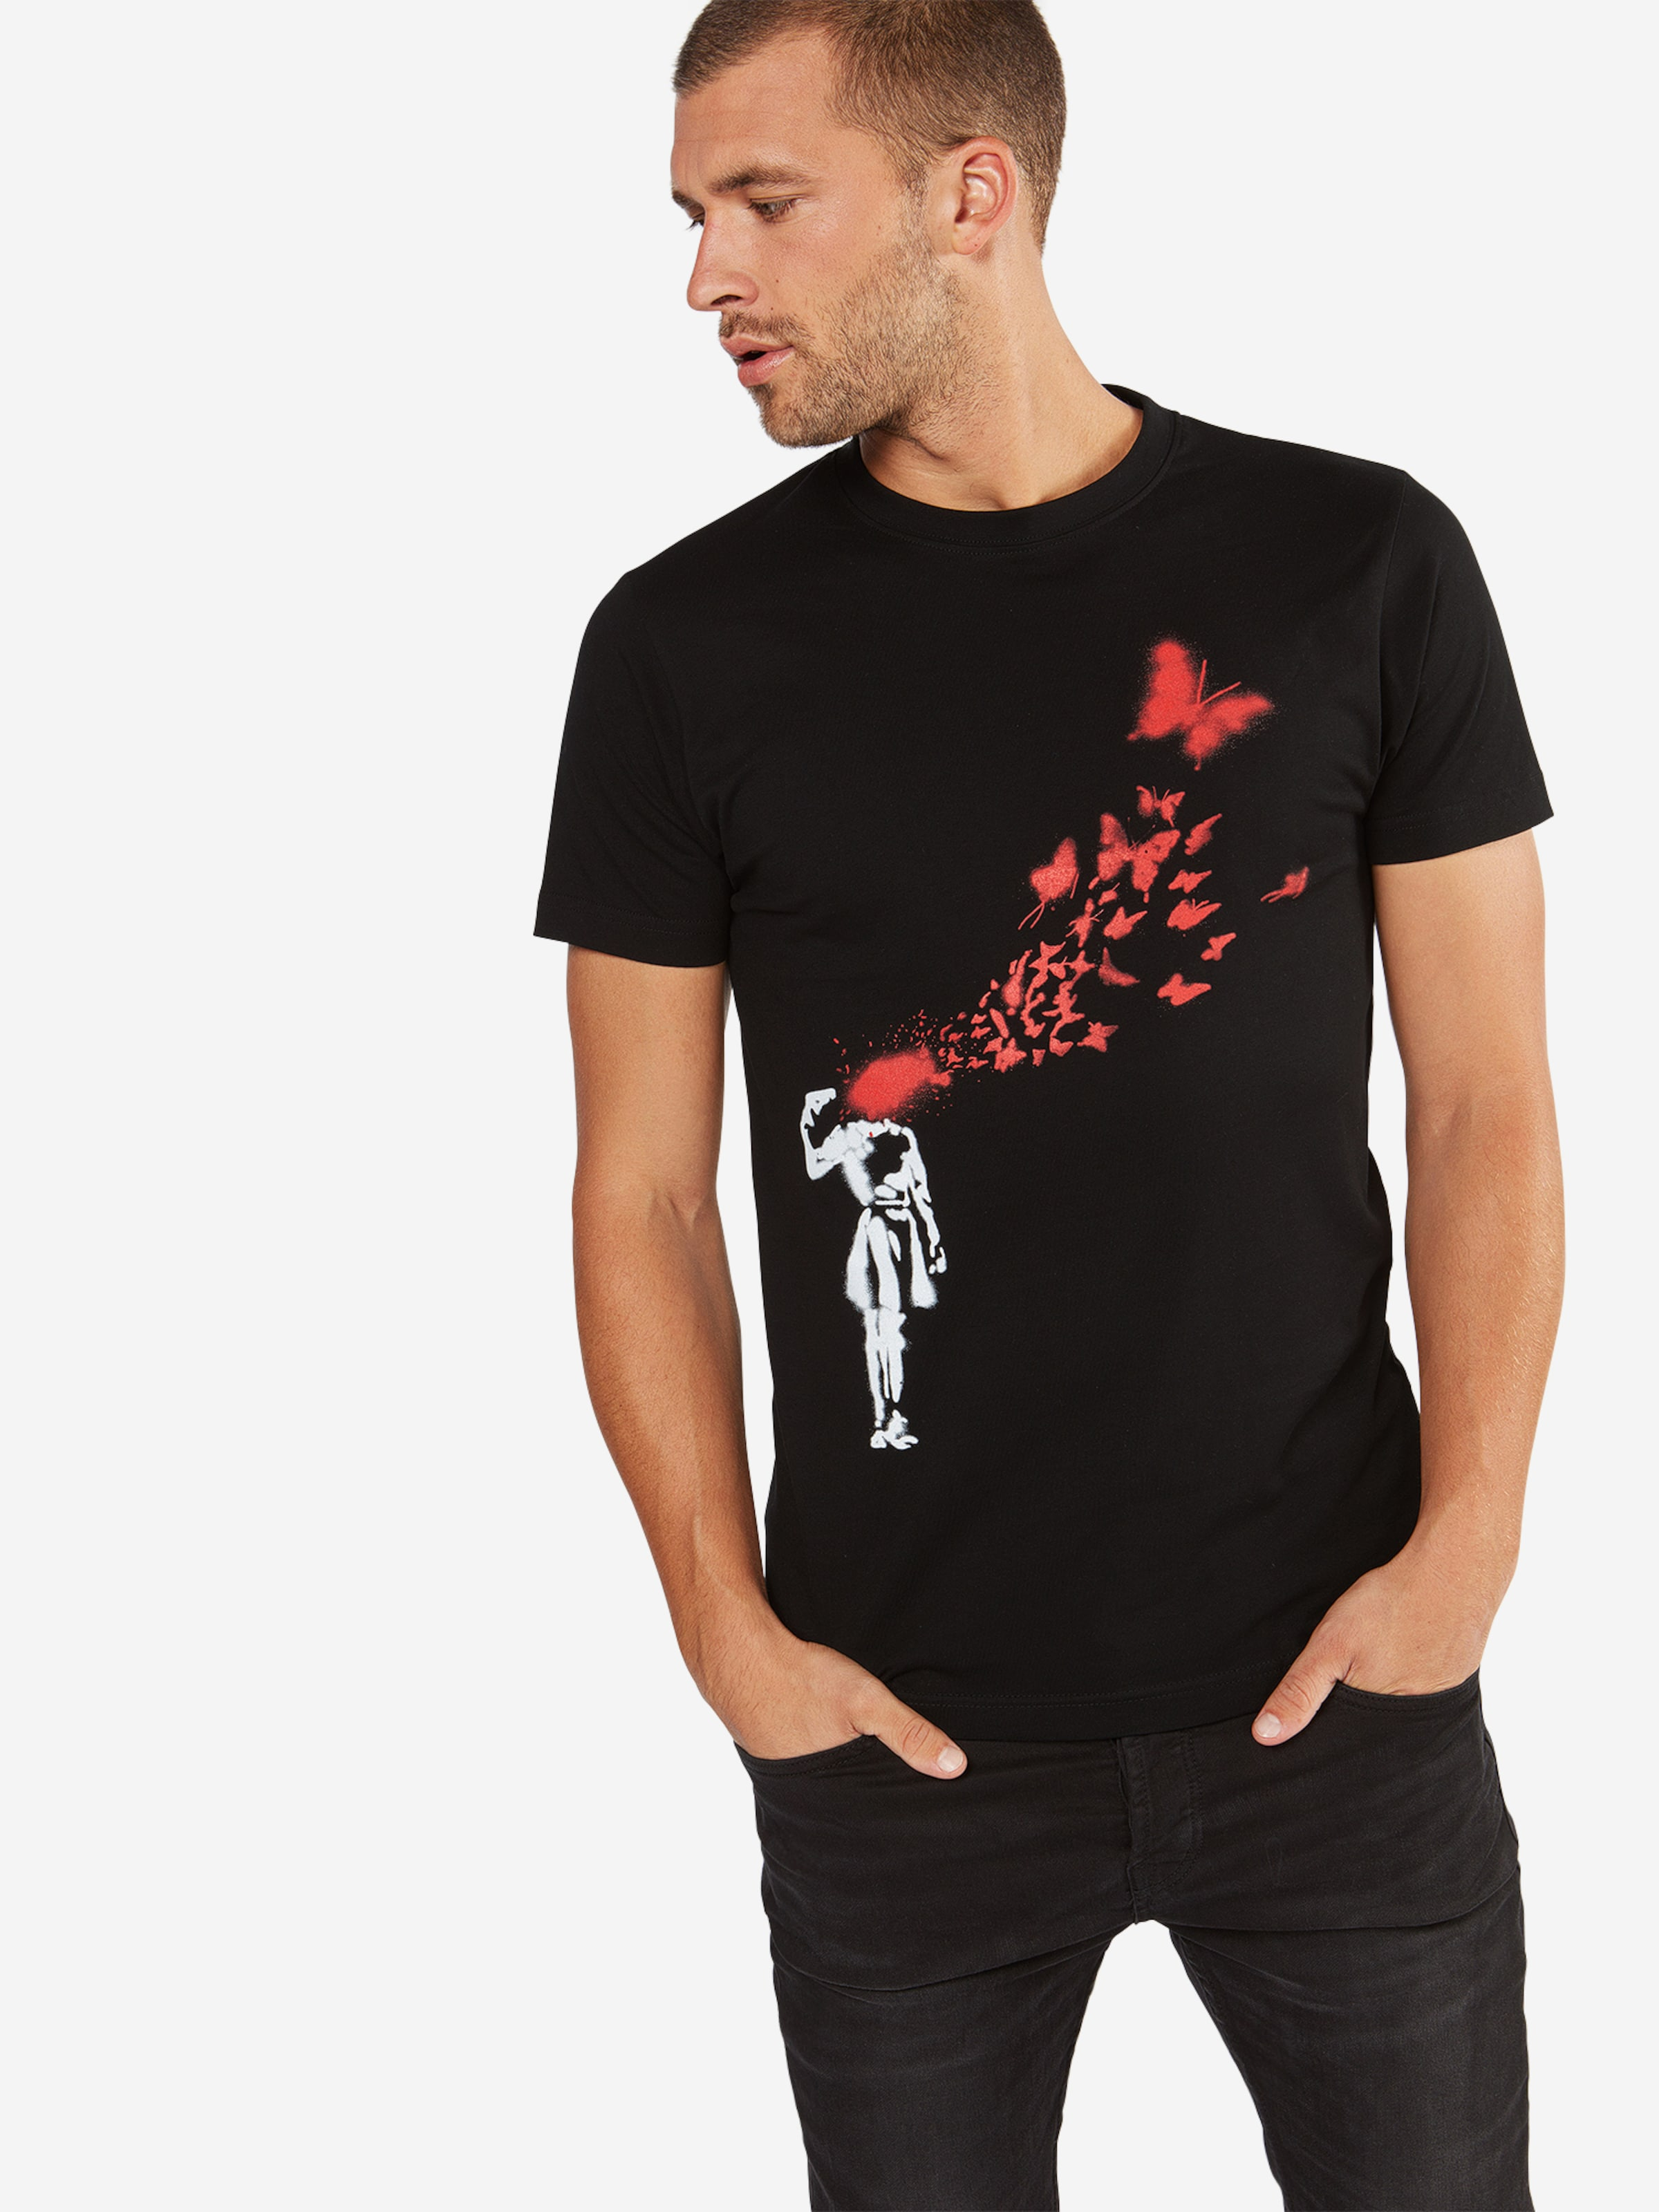 Butterfly' In RotSchwarz Weiß 'banksy Mister Tee Shirt qL345ARj